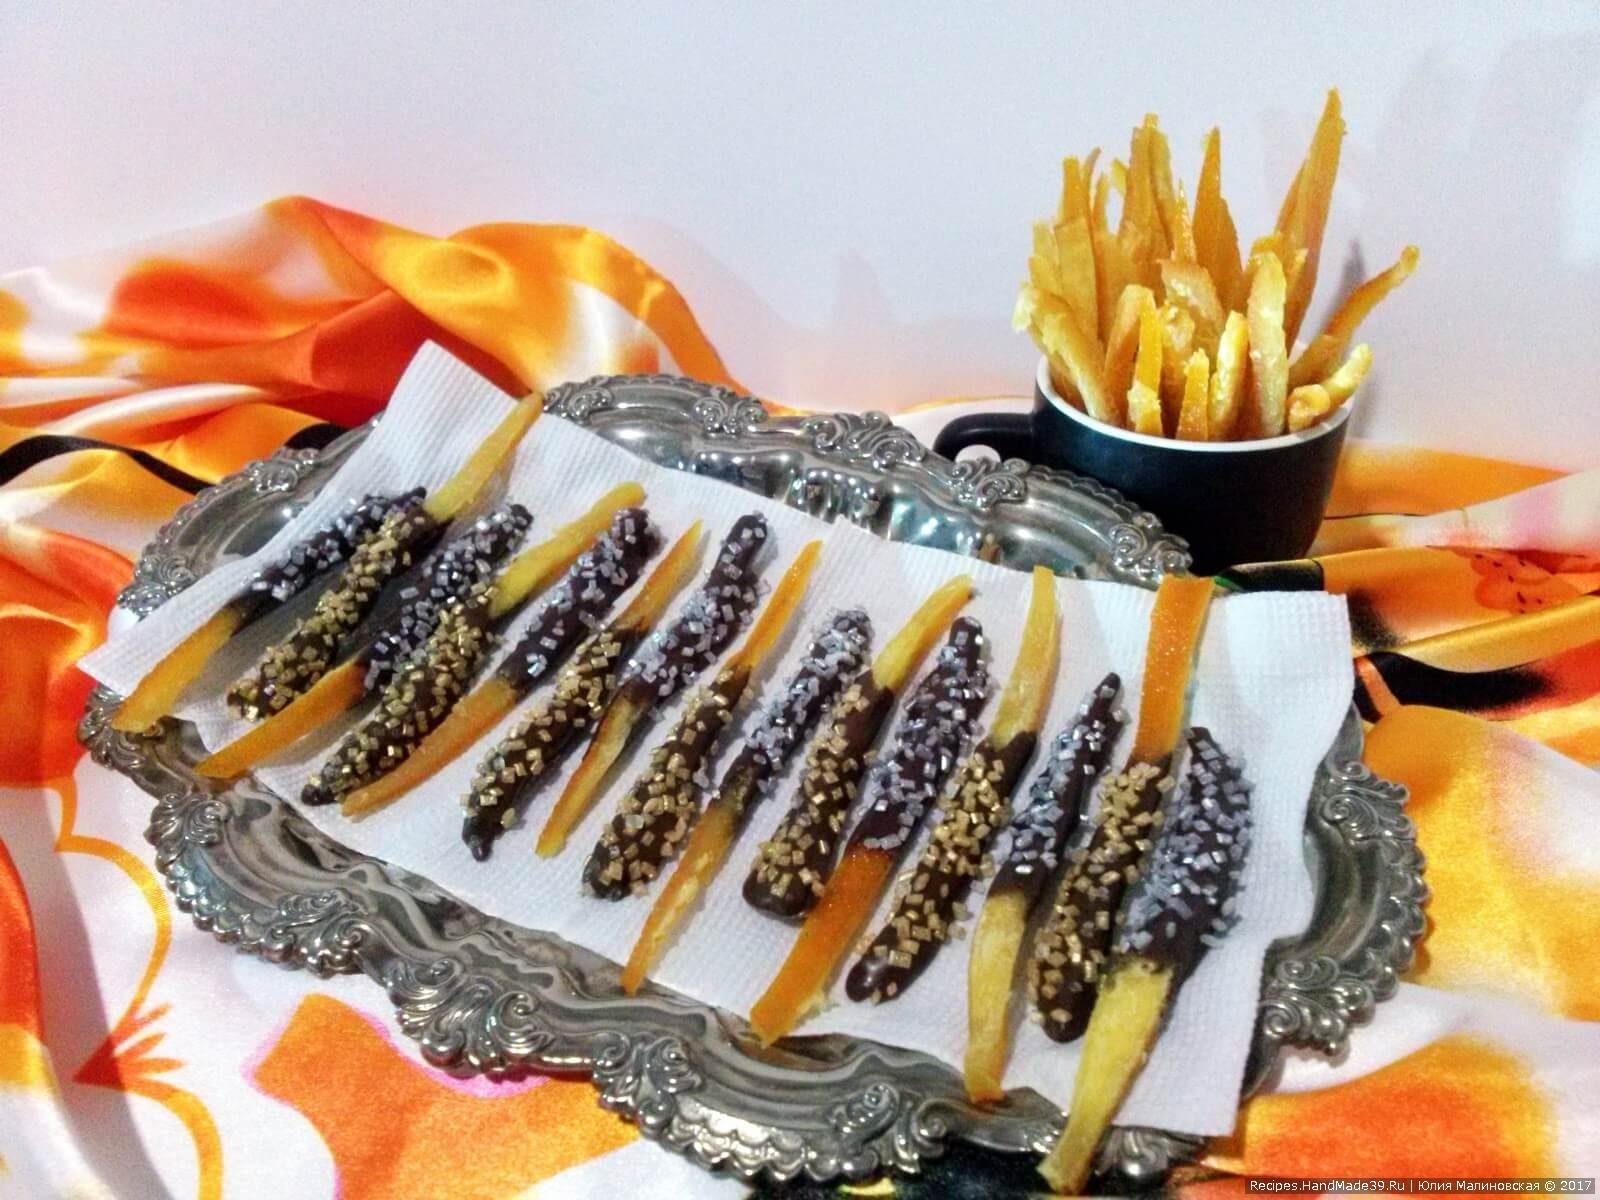 Апельсиновые цукаты в шоколаде – эффектный и вкусный десерт, который можно легко приготовить в домашних условиях. Приятного аппетита!